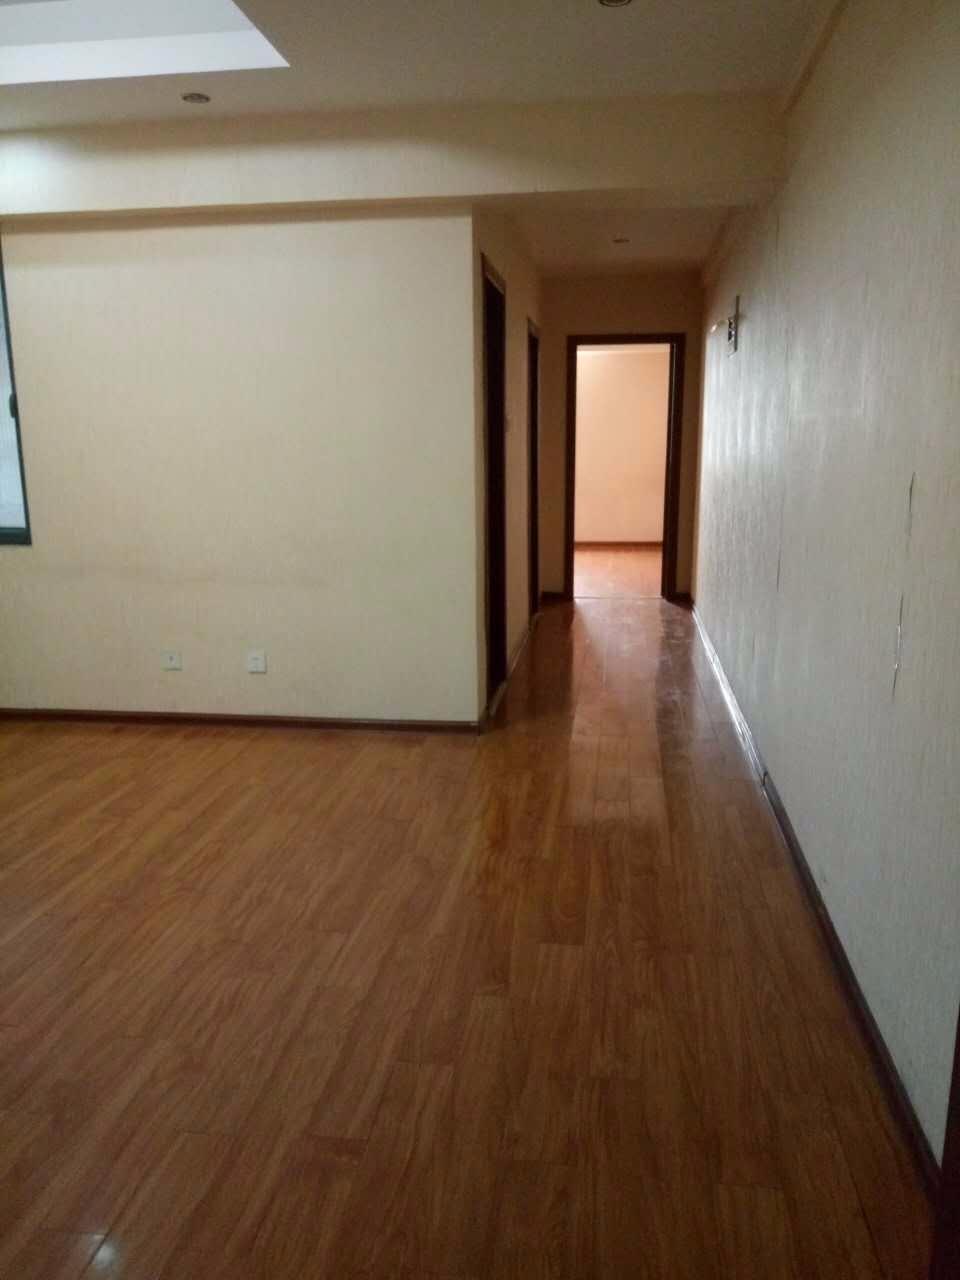 急租 宫园壹号1室空房 适合办公 地铁口 有钥匙